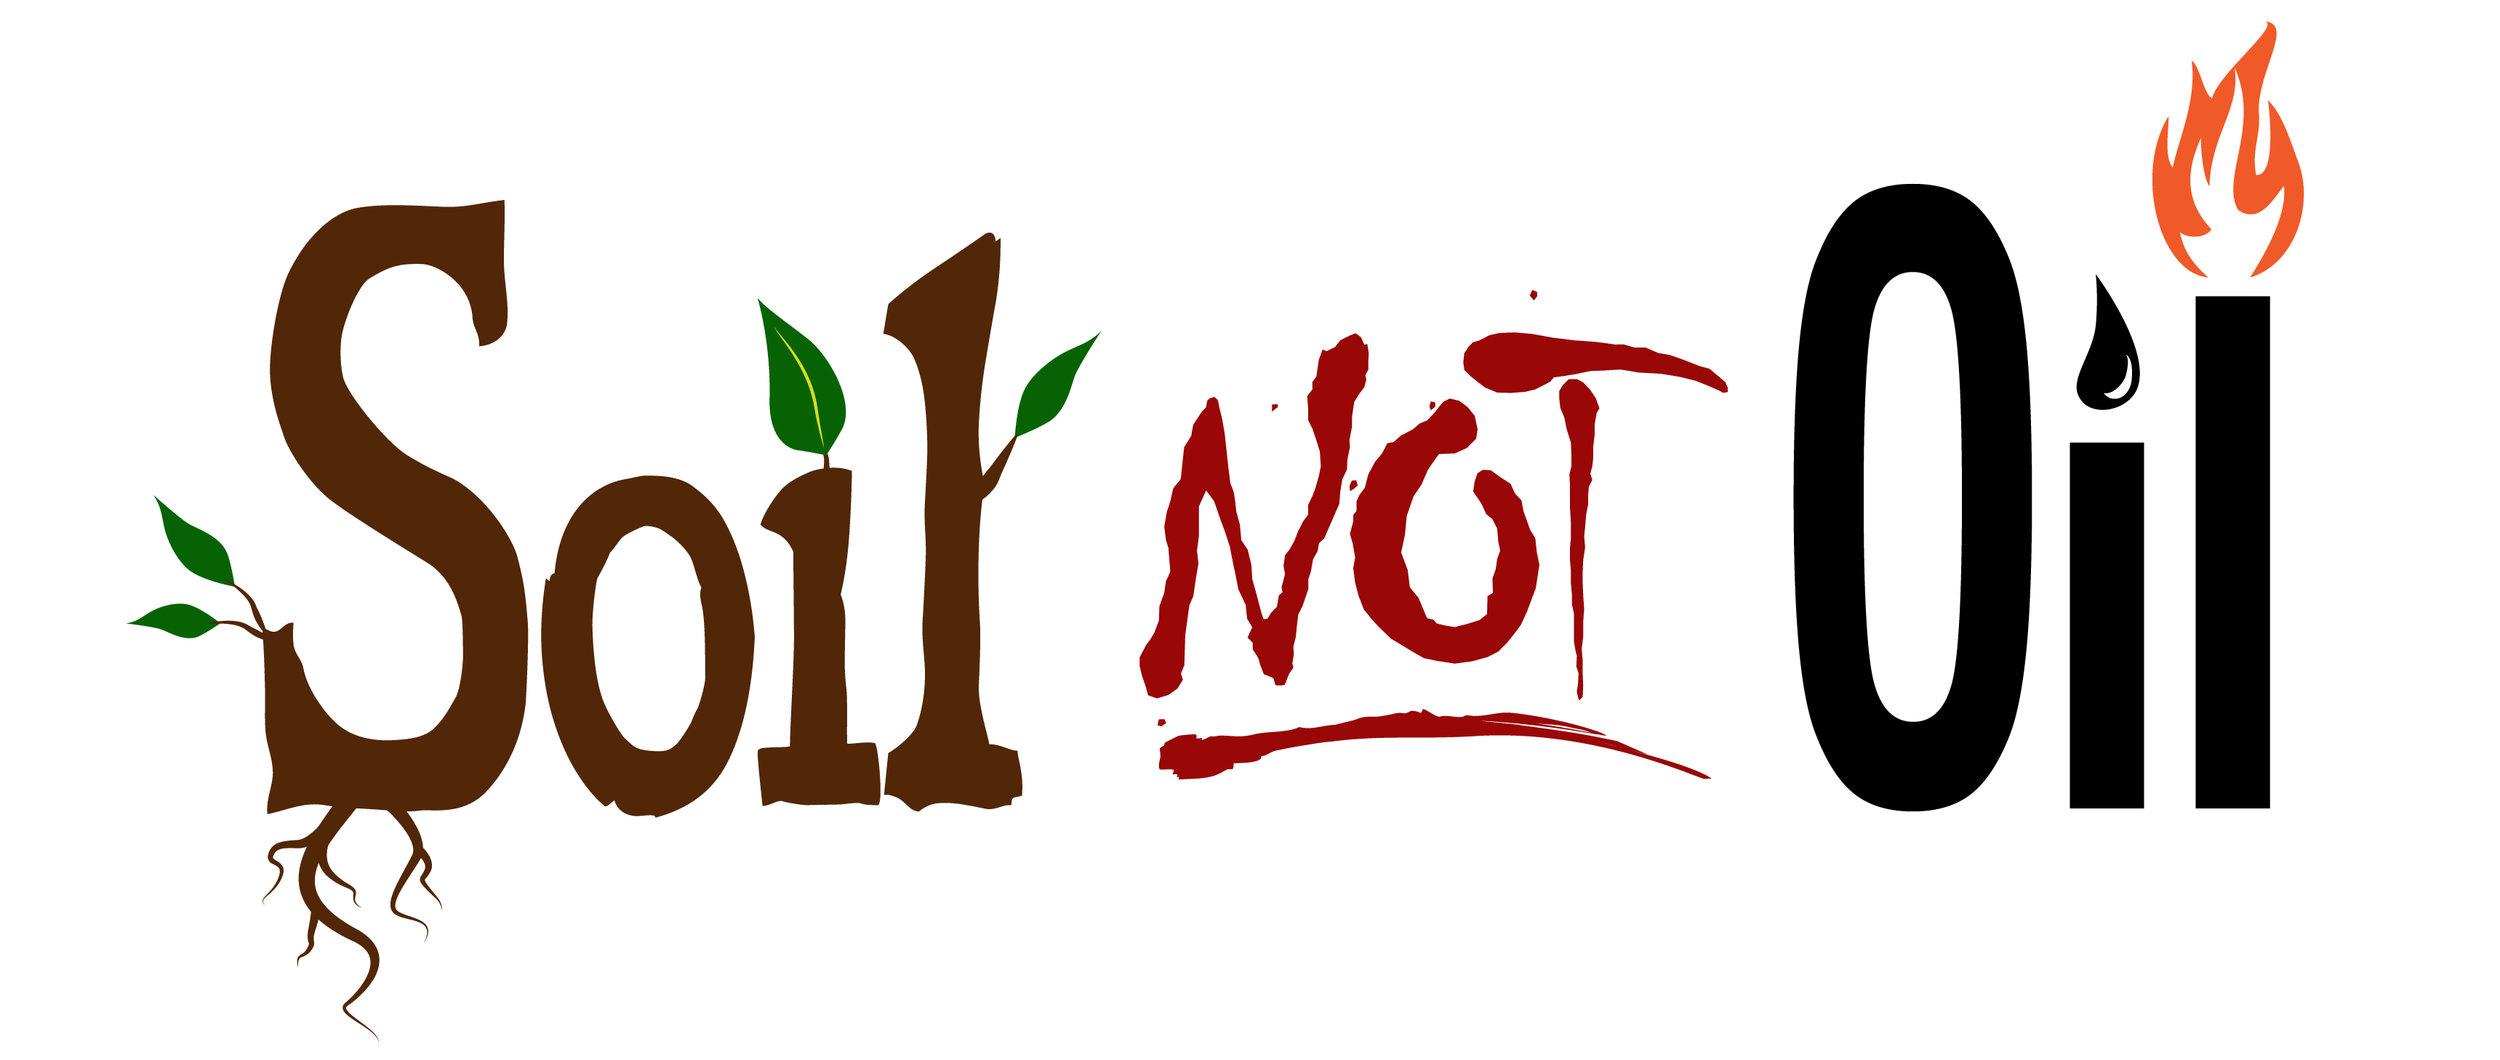 Soil Not Oil.jpg